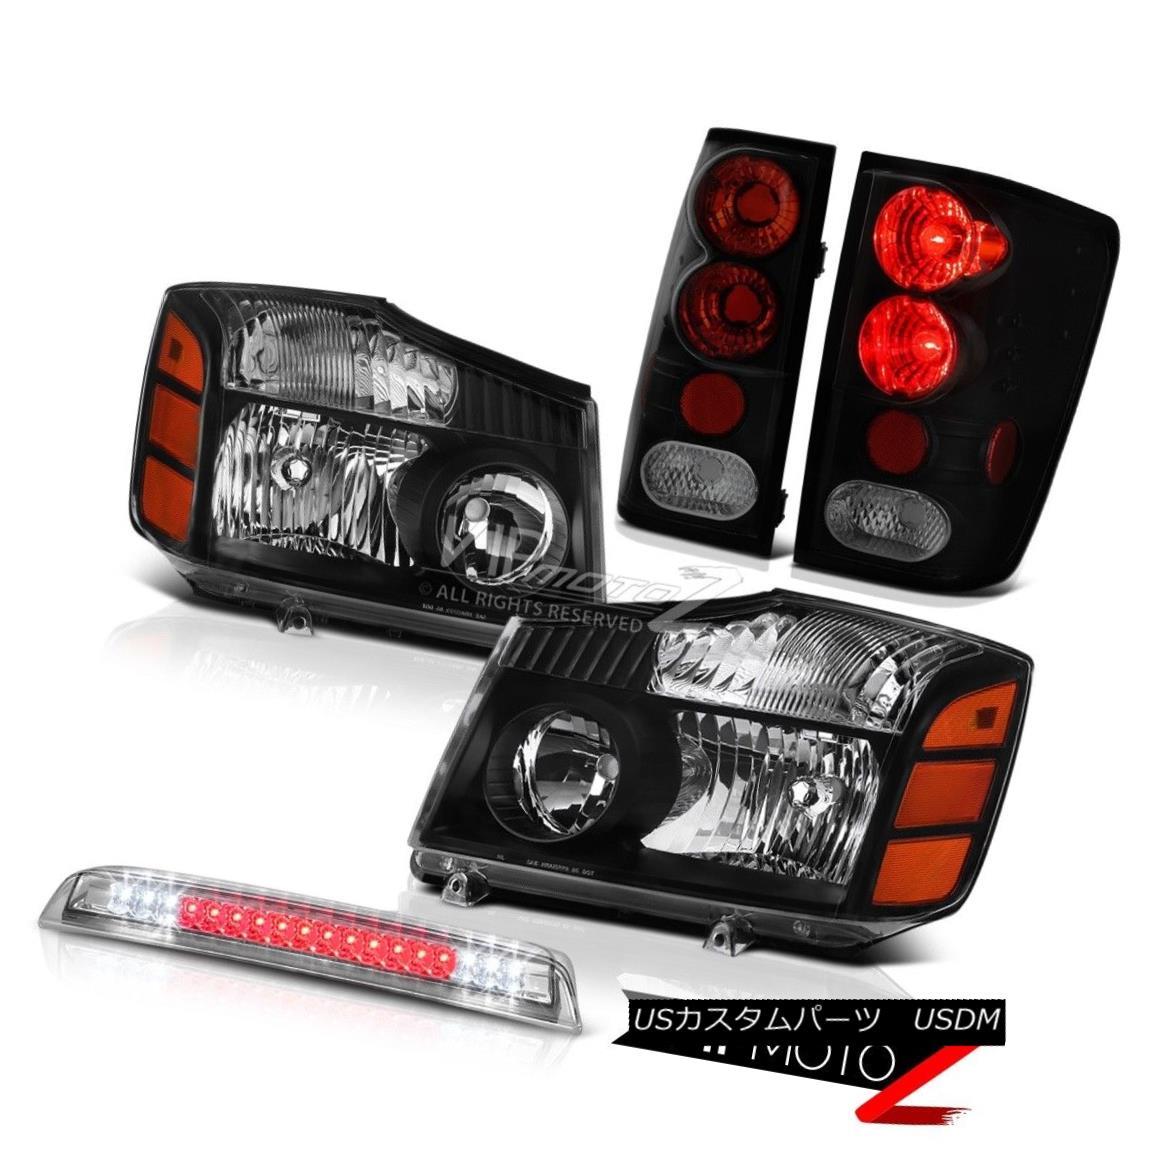 テールライト Left Right Headlamps Brake Tail Lamps Roof 3rd Cargo LED For 2004-2015 Titan LE 左の右ヘッドライトブレーキテールランプ屋根第3貨物LED 2004-2015 Titan LE